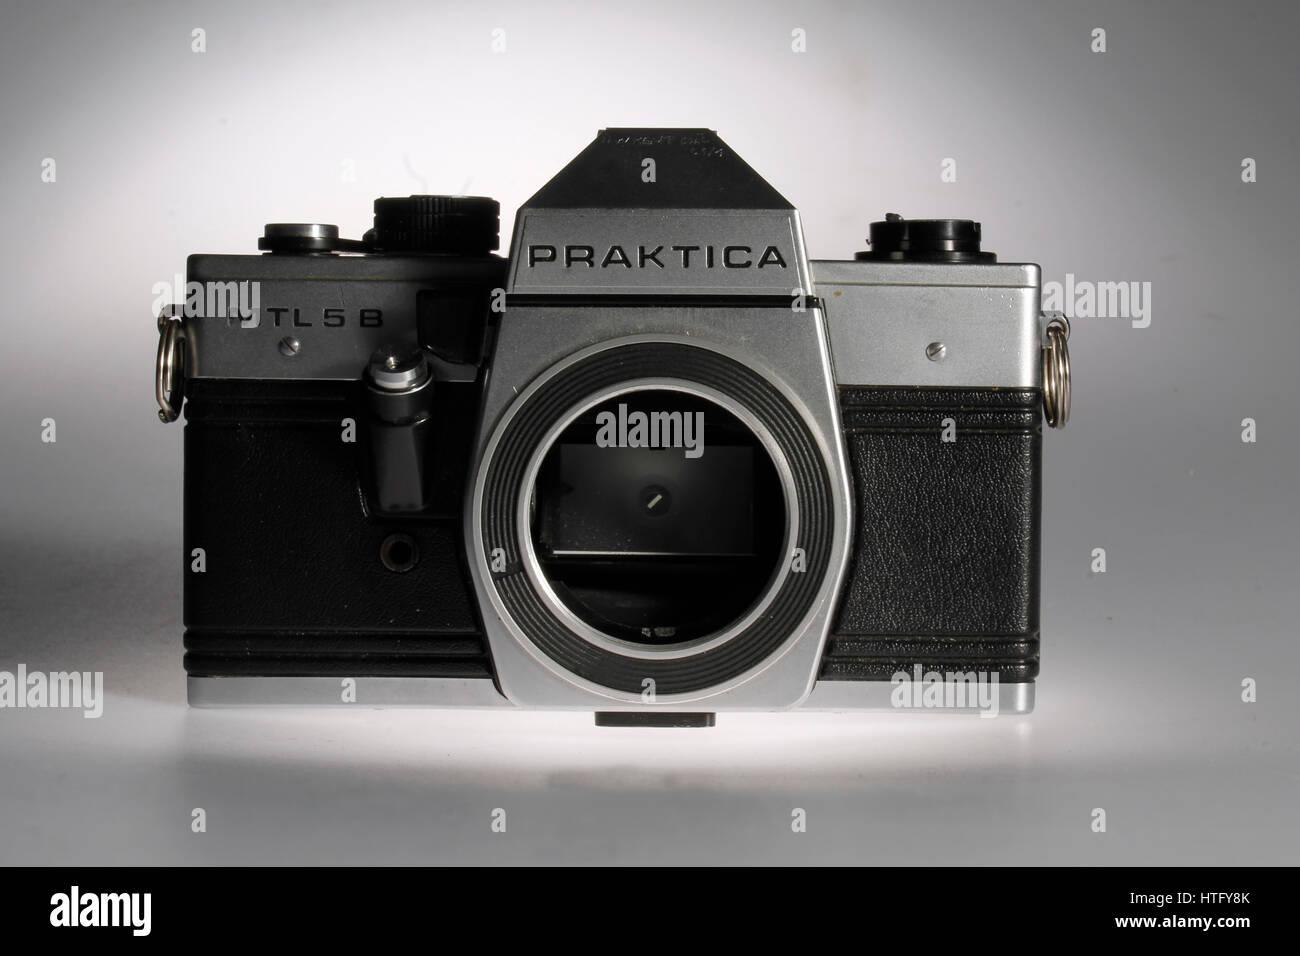 Praktica Film Camera - Stock Image